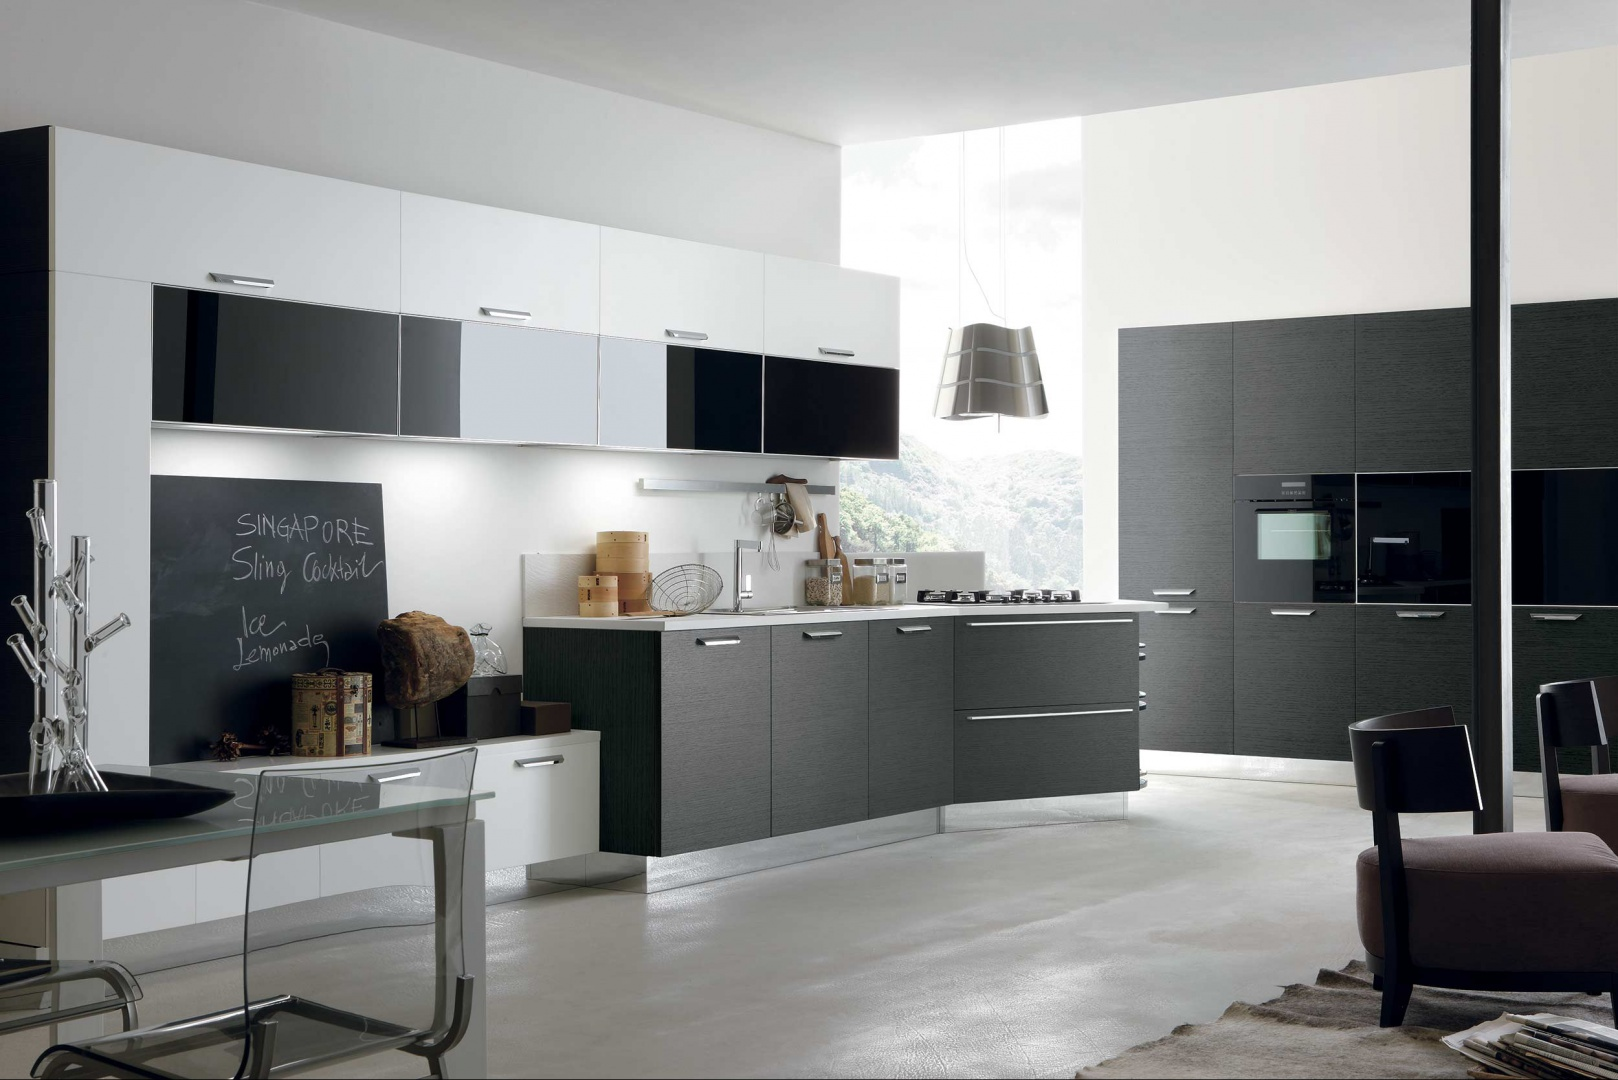 Kuchnia Life z programu Look System marki Stosa Cucina, dzięki modułowym elementom gwarantuje wiele sposobów na kreowania przestrzeni kuchennej. Fot. Stosa Cucina.